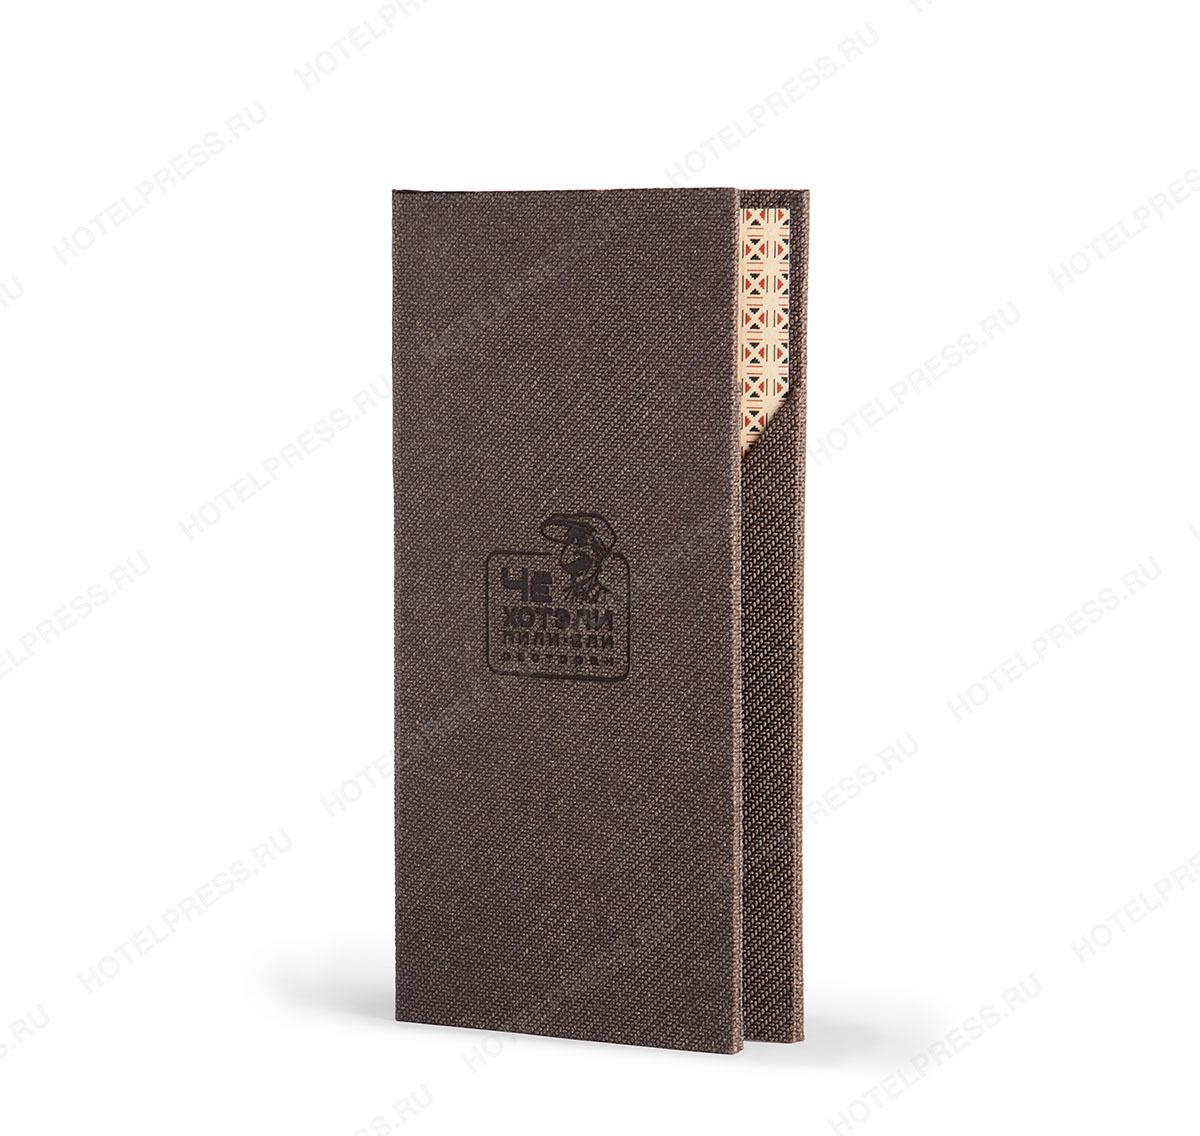 Переплетная папка счет из фактурной дизайнерской бумаги для «Чё Хотэли»